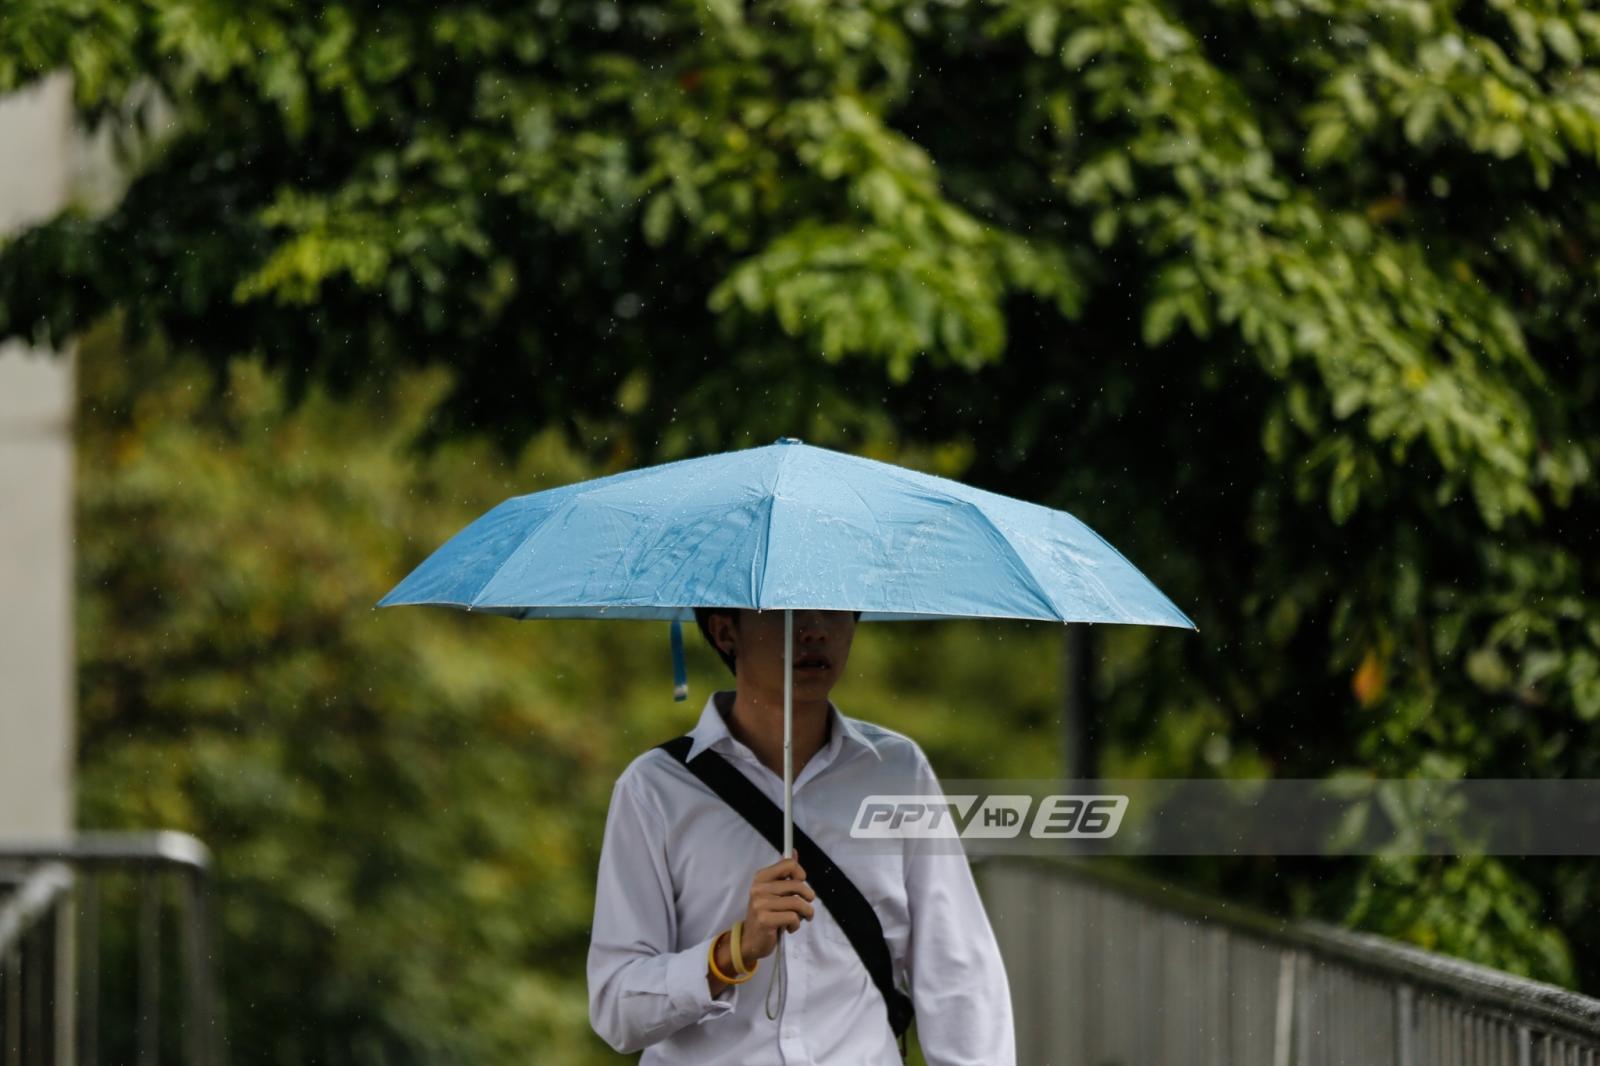 อุตุฯ เผย ไทยตอนบนหมอกหนา มีโอกาสเกิดฝนตกทั่วทุกภาค